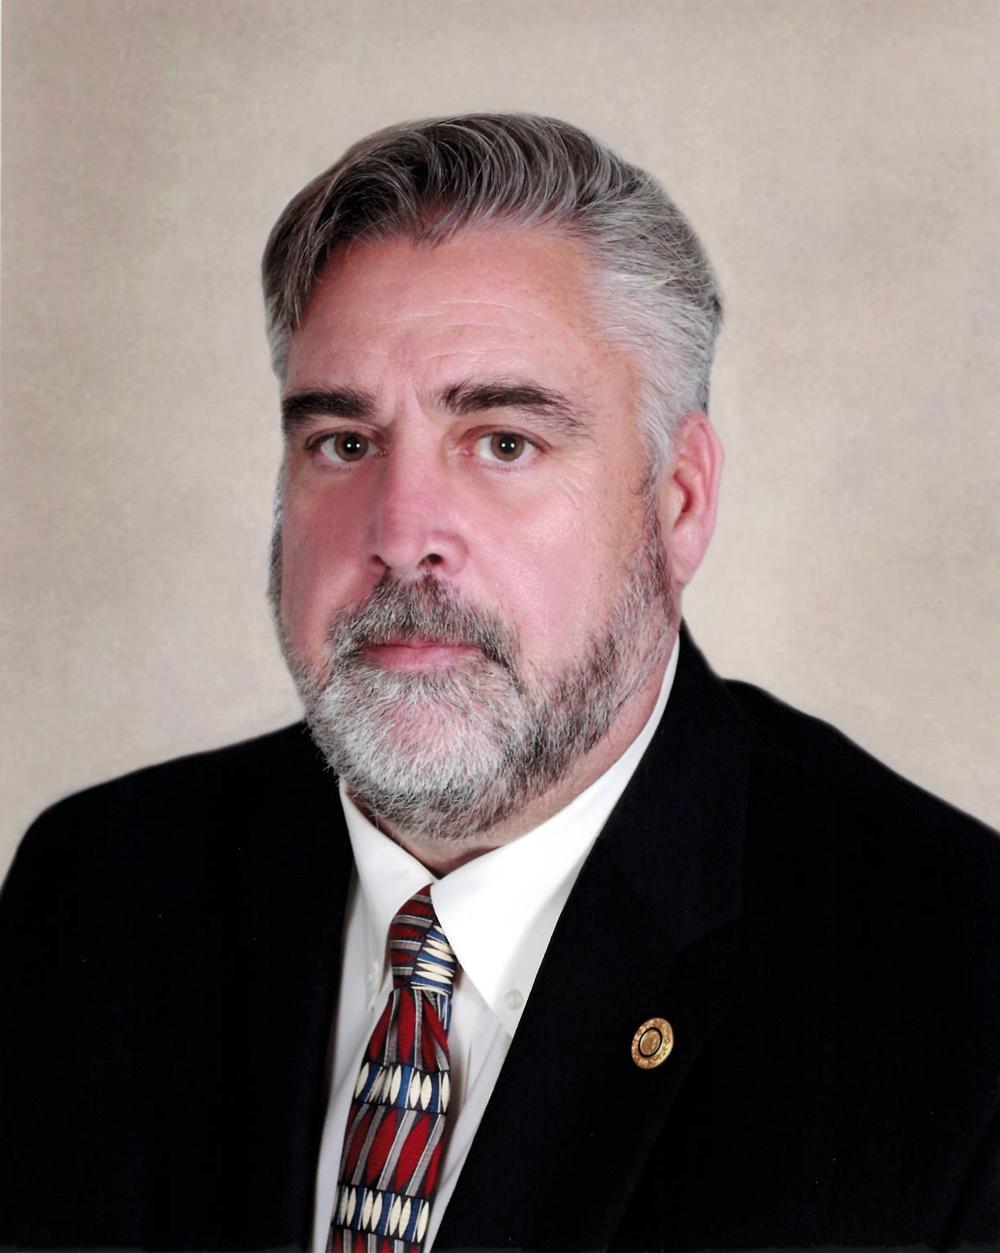 Phillip Thurman